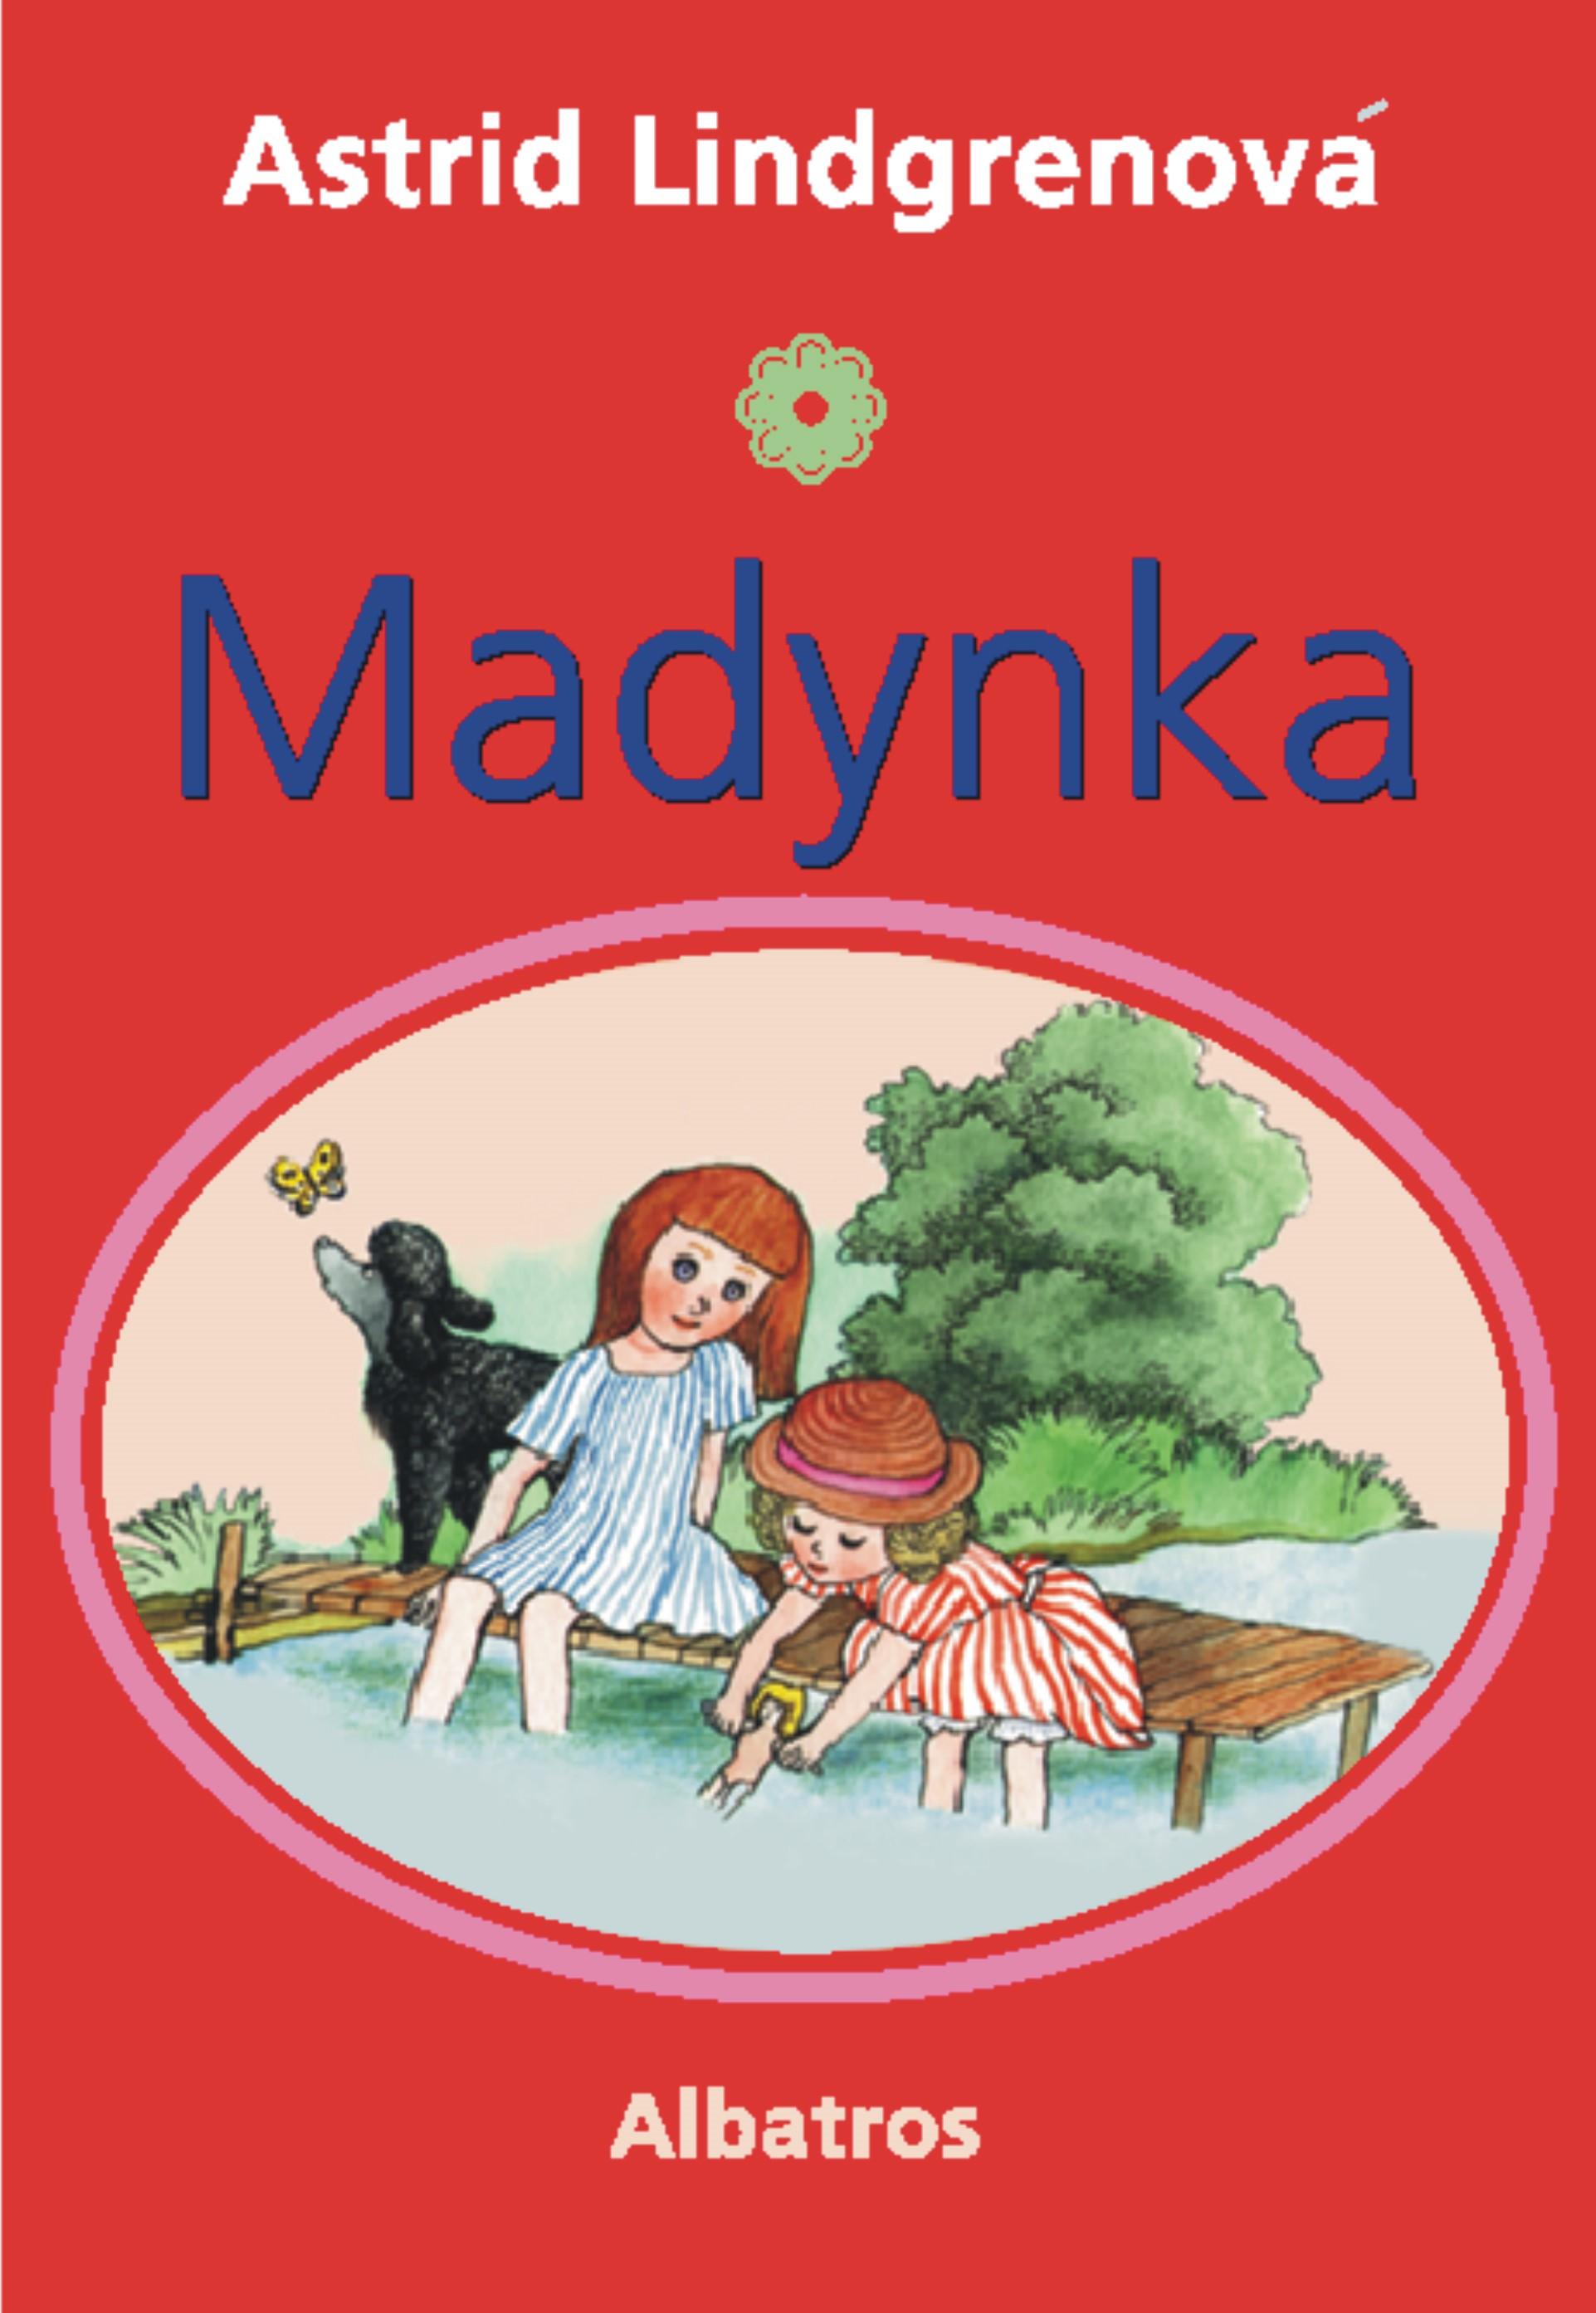 Madynka